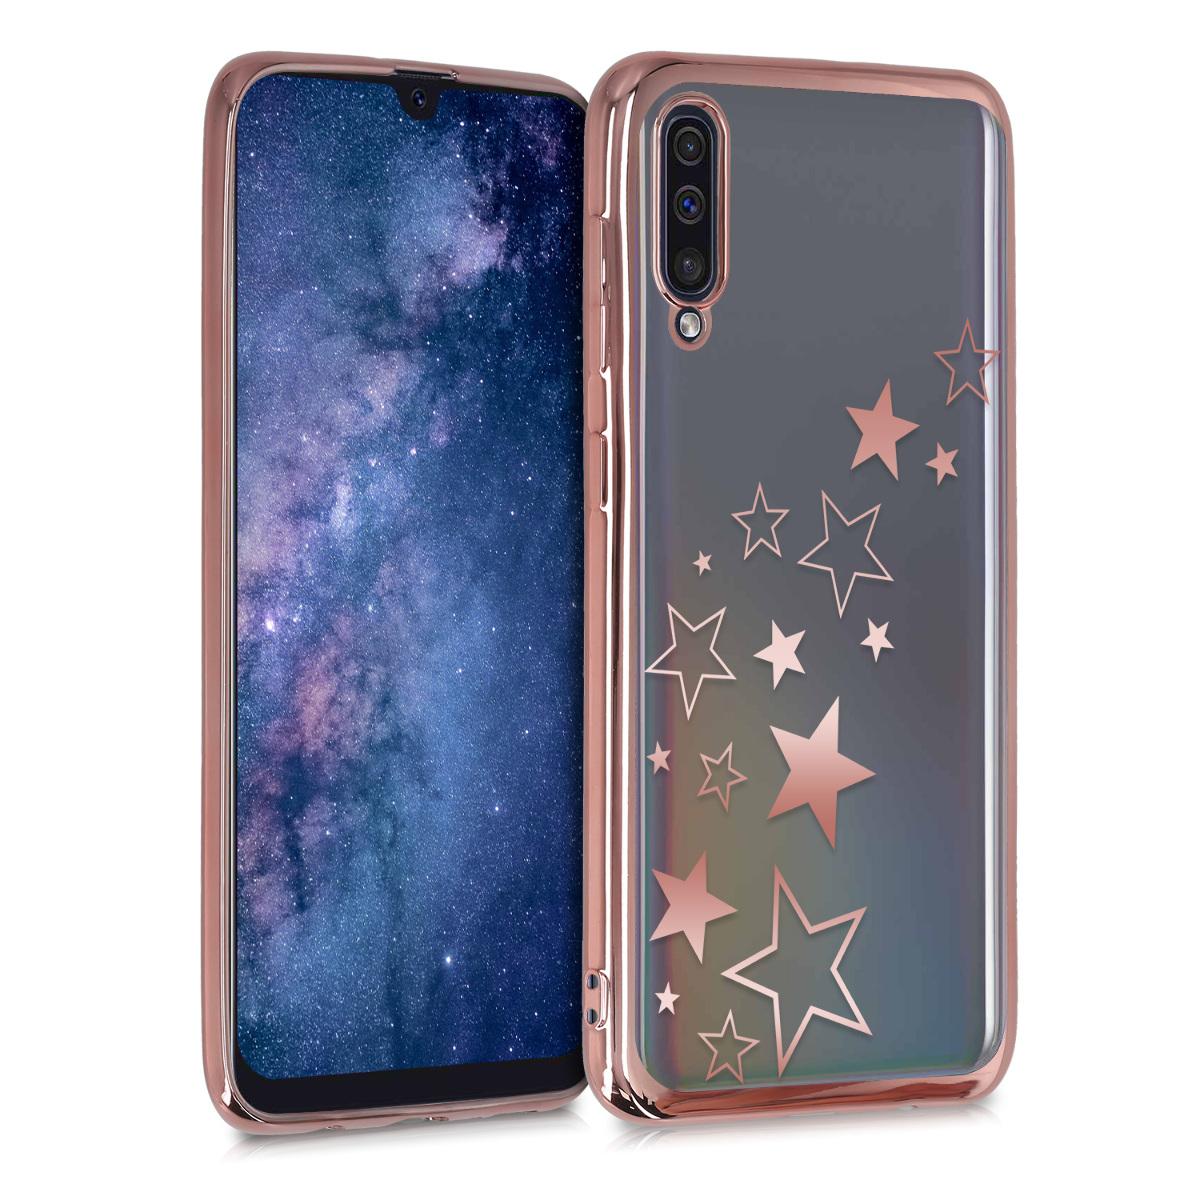 Kvalitní silikonové TPU pouzdro pro Samsung A50 - Hvězda Mix starorůžové rosegold / starorůžové rosegold / transparentní